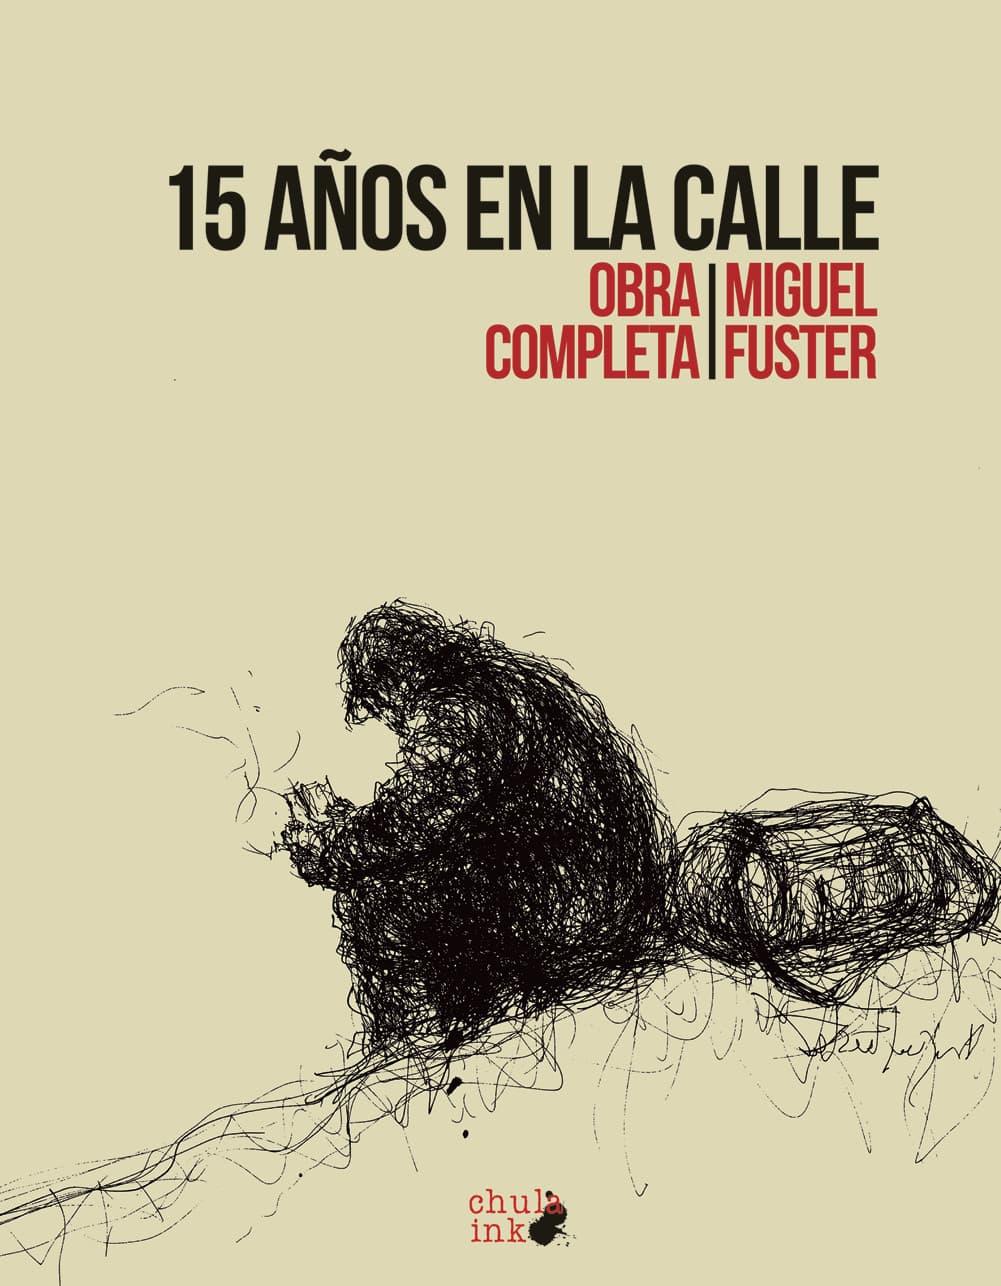 15 AÑOS EN LA CALLE (OBRA COMPLETA)